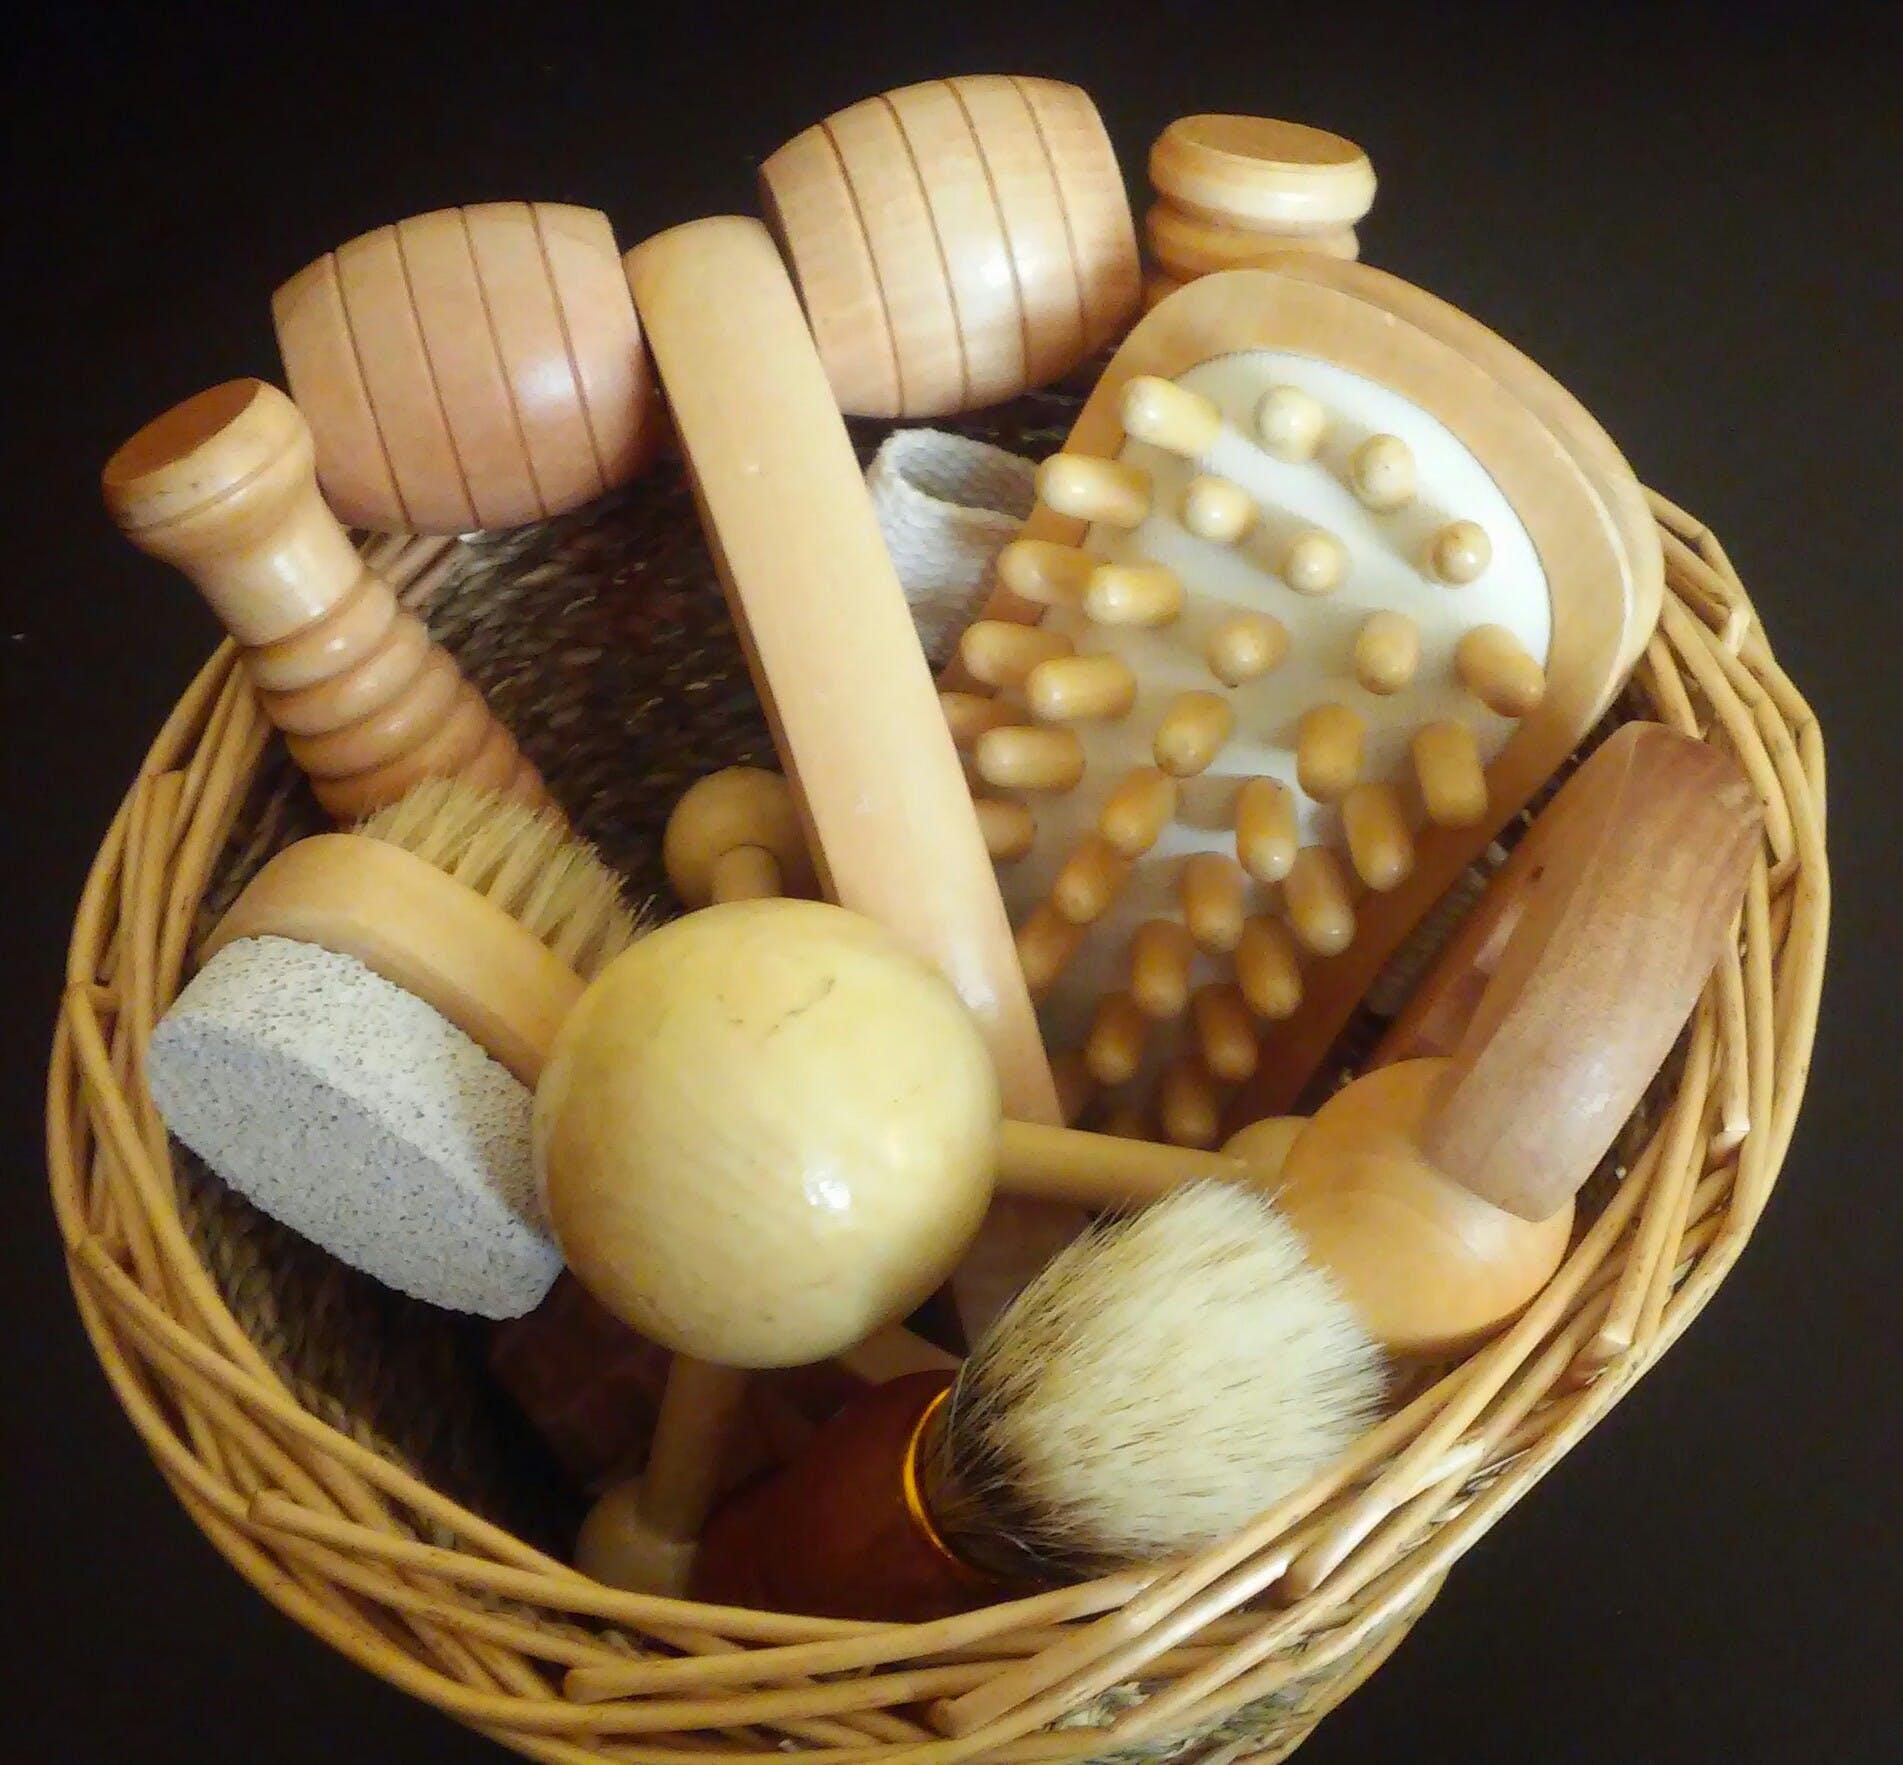 Kostenloses Stock Foto zu werkzeuge, massage, massage-set, massage-tools